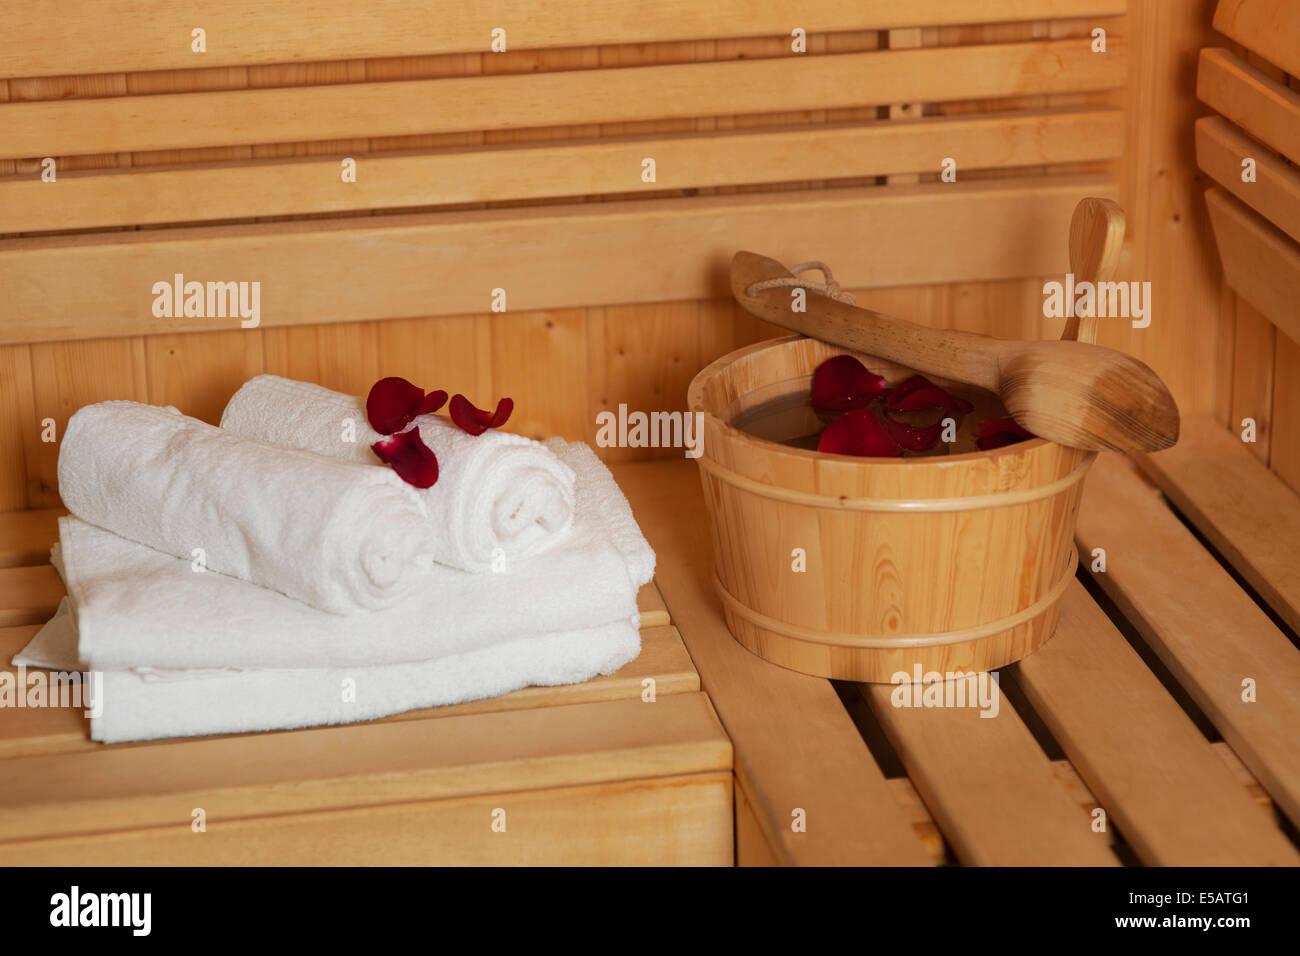 Sauna bucket with rose petals Debica, Poland - Stock Image